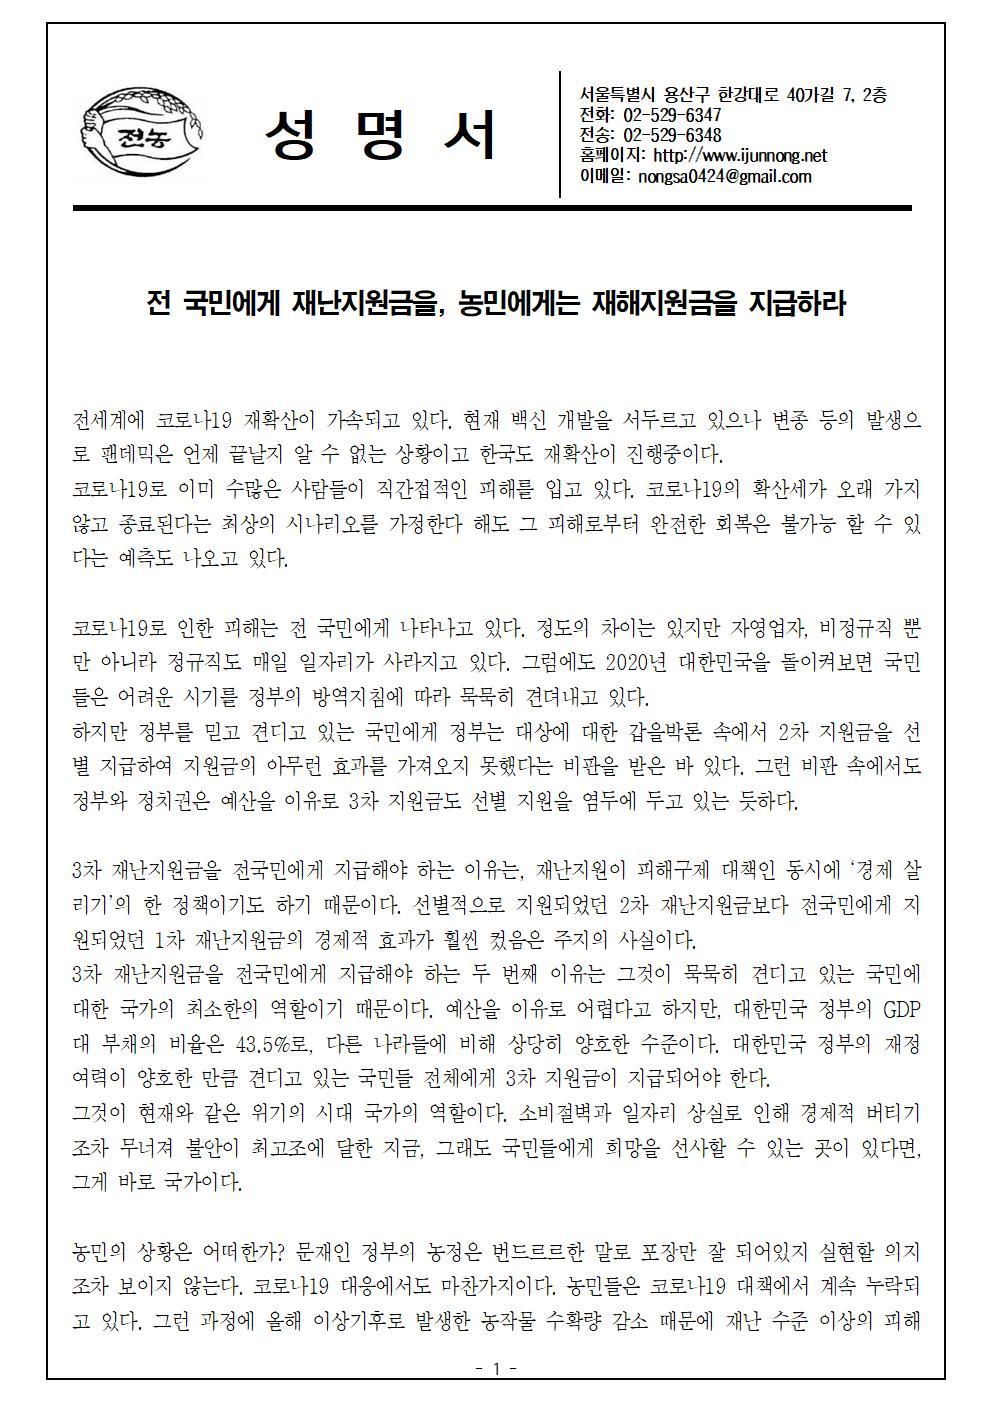 201130 재해지원 전국농민회총연맹 성명서001.jpg